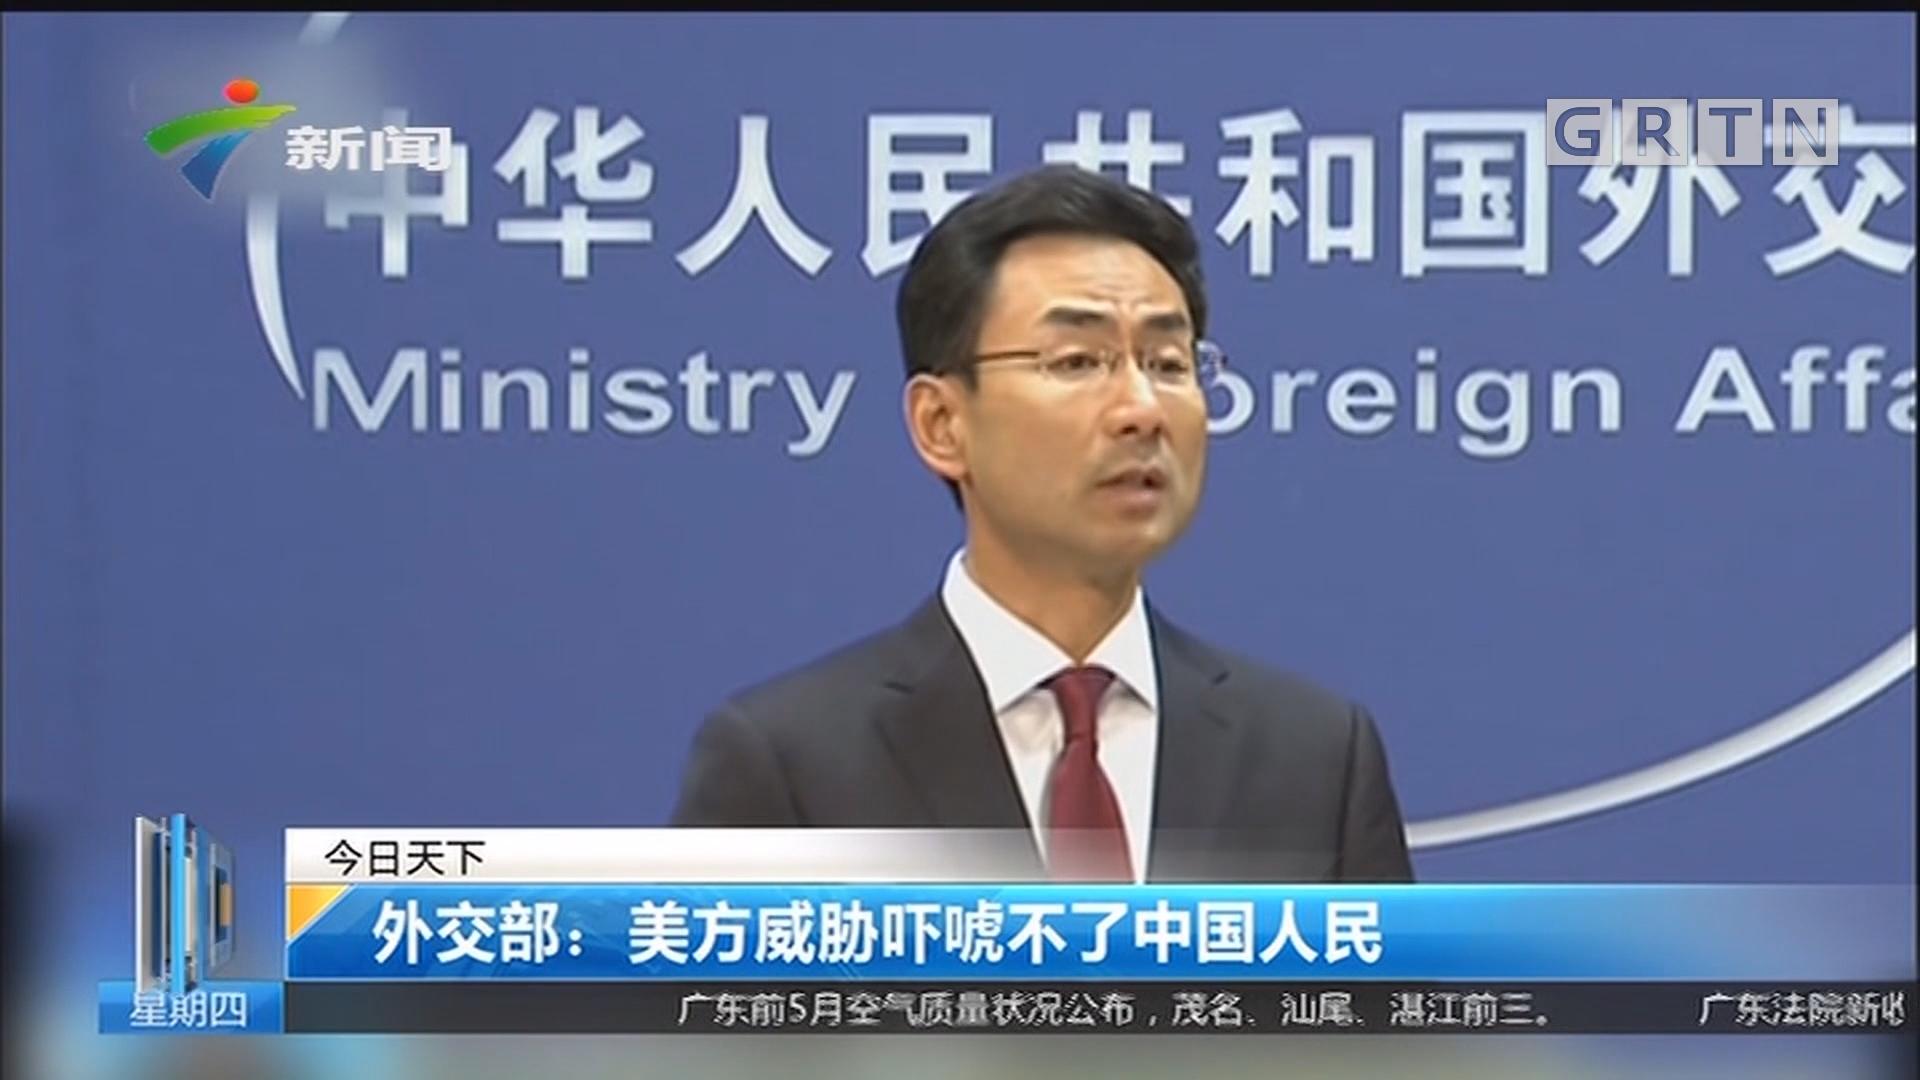 外交部:美方威胁吓唬不了中国人民